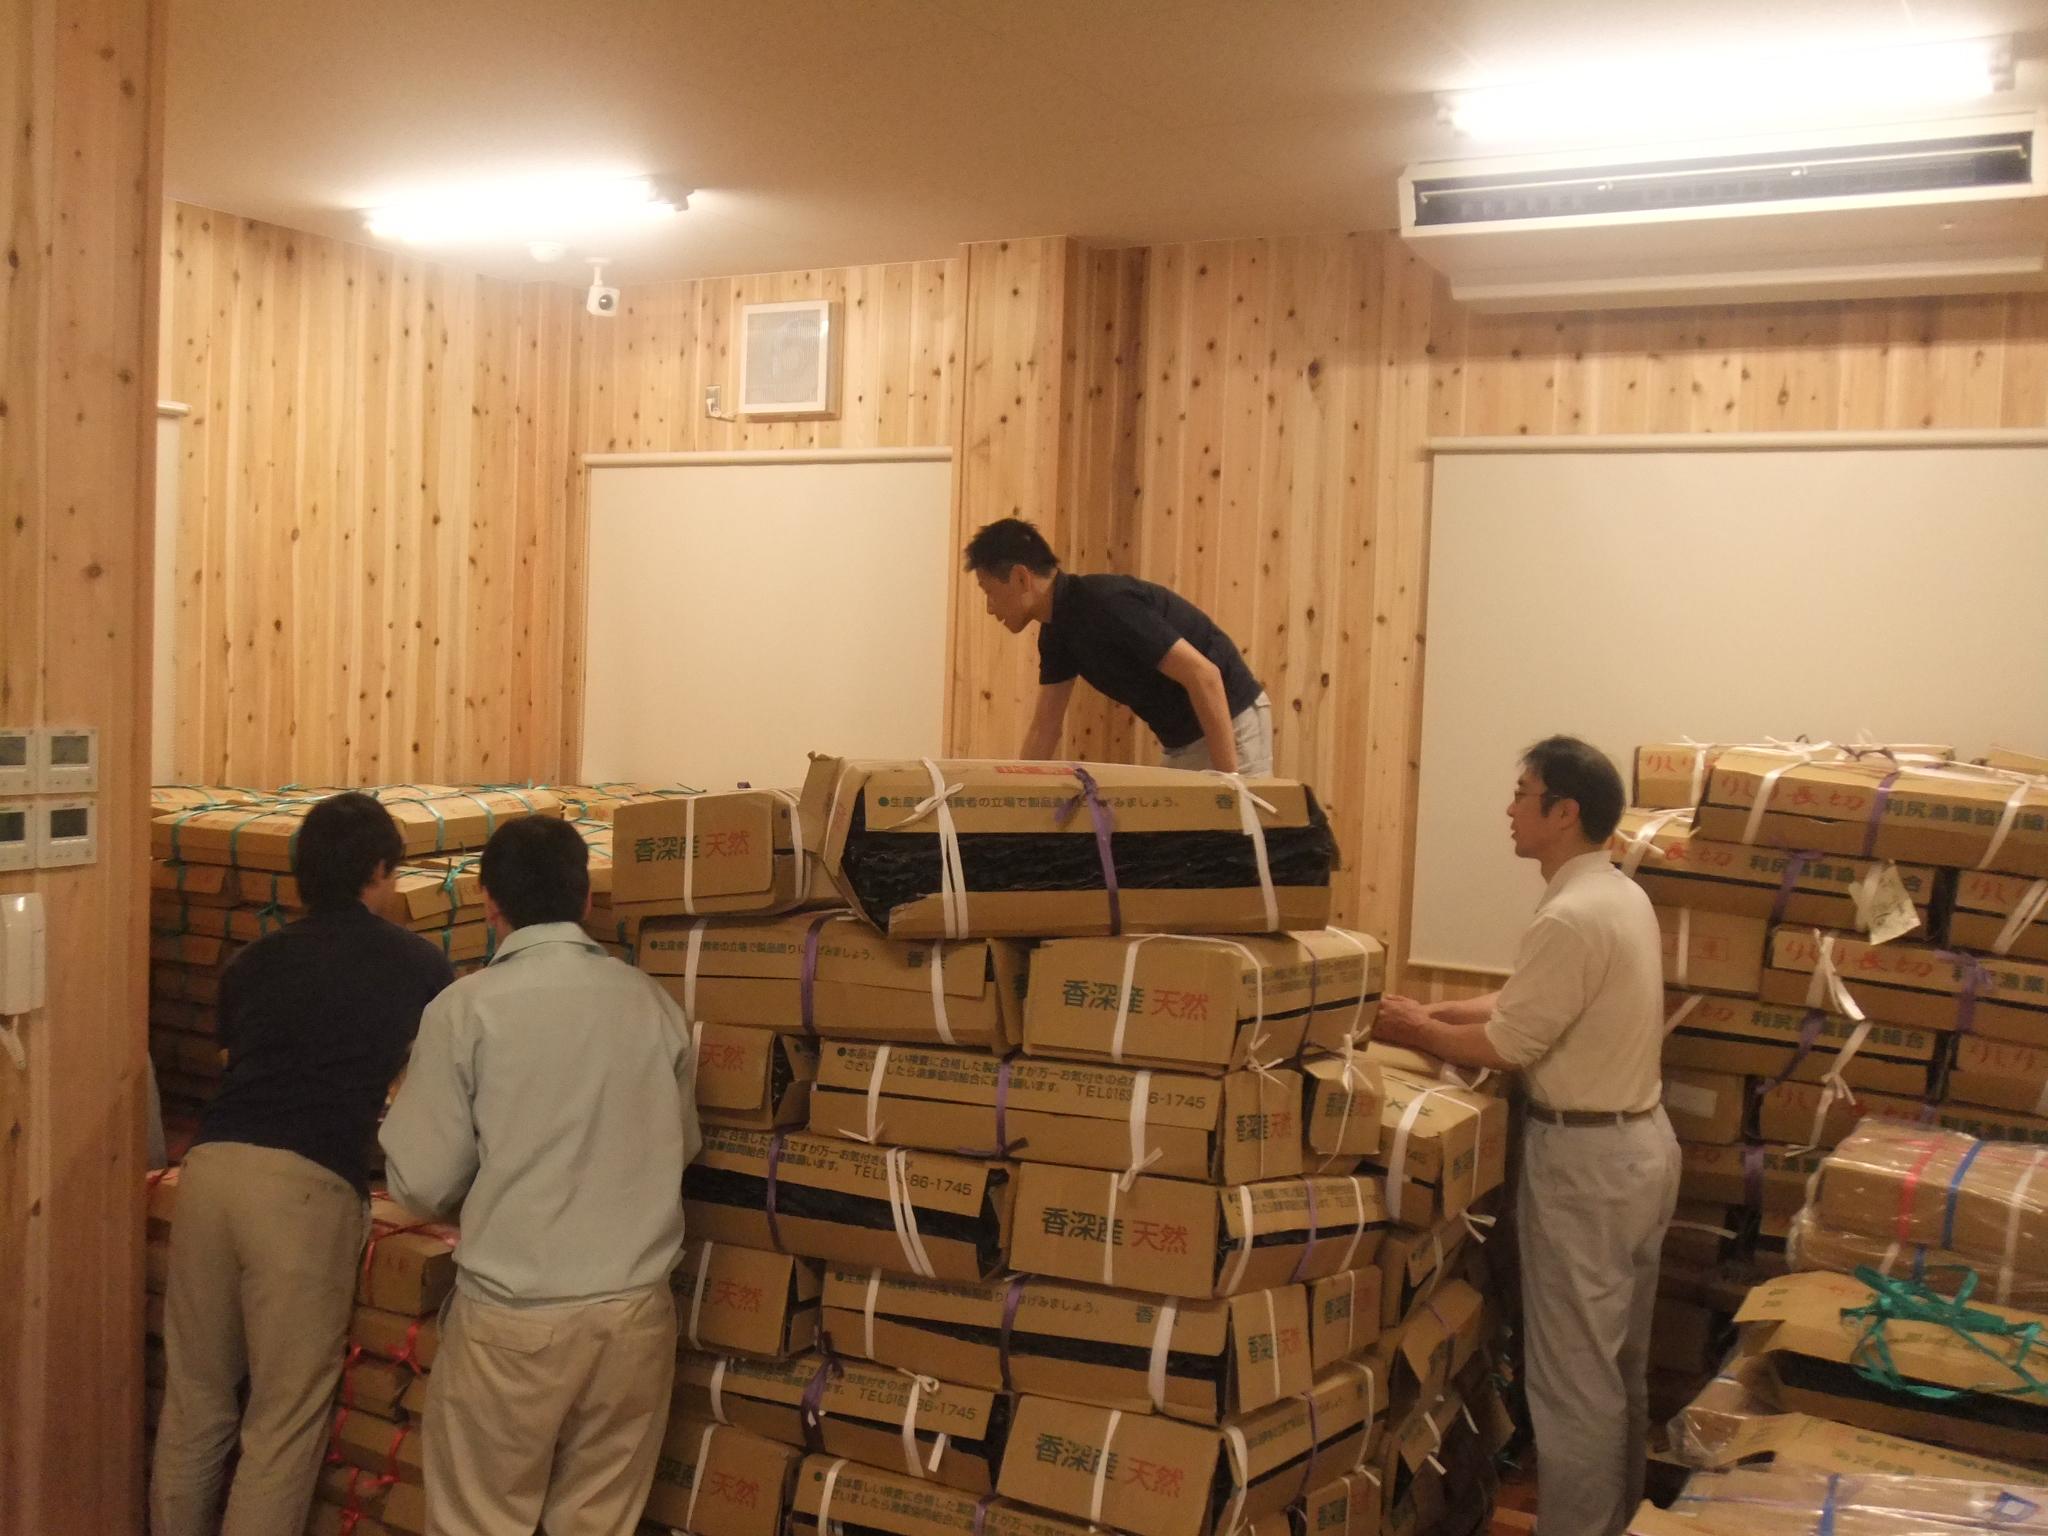 元町倉庫で、夏に向けての昆布の積み替え作業が始まりました。      平成28年5月12日(木曜日)